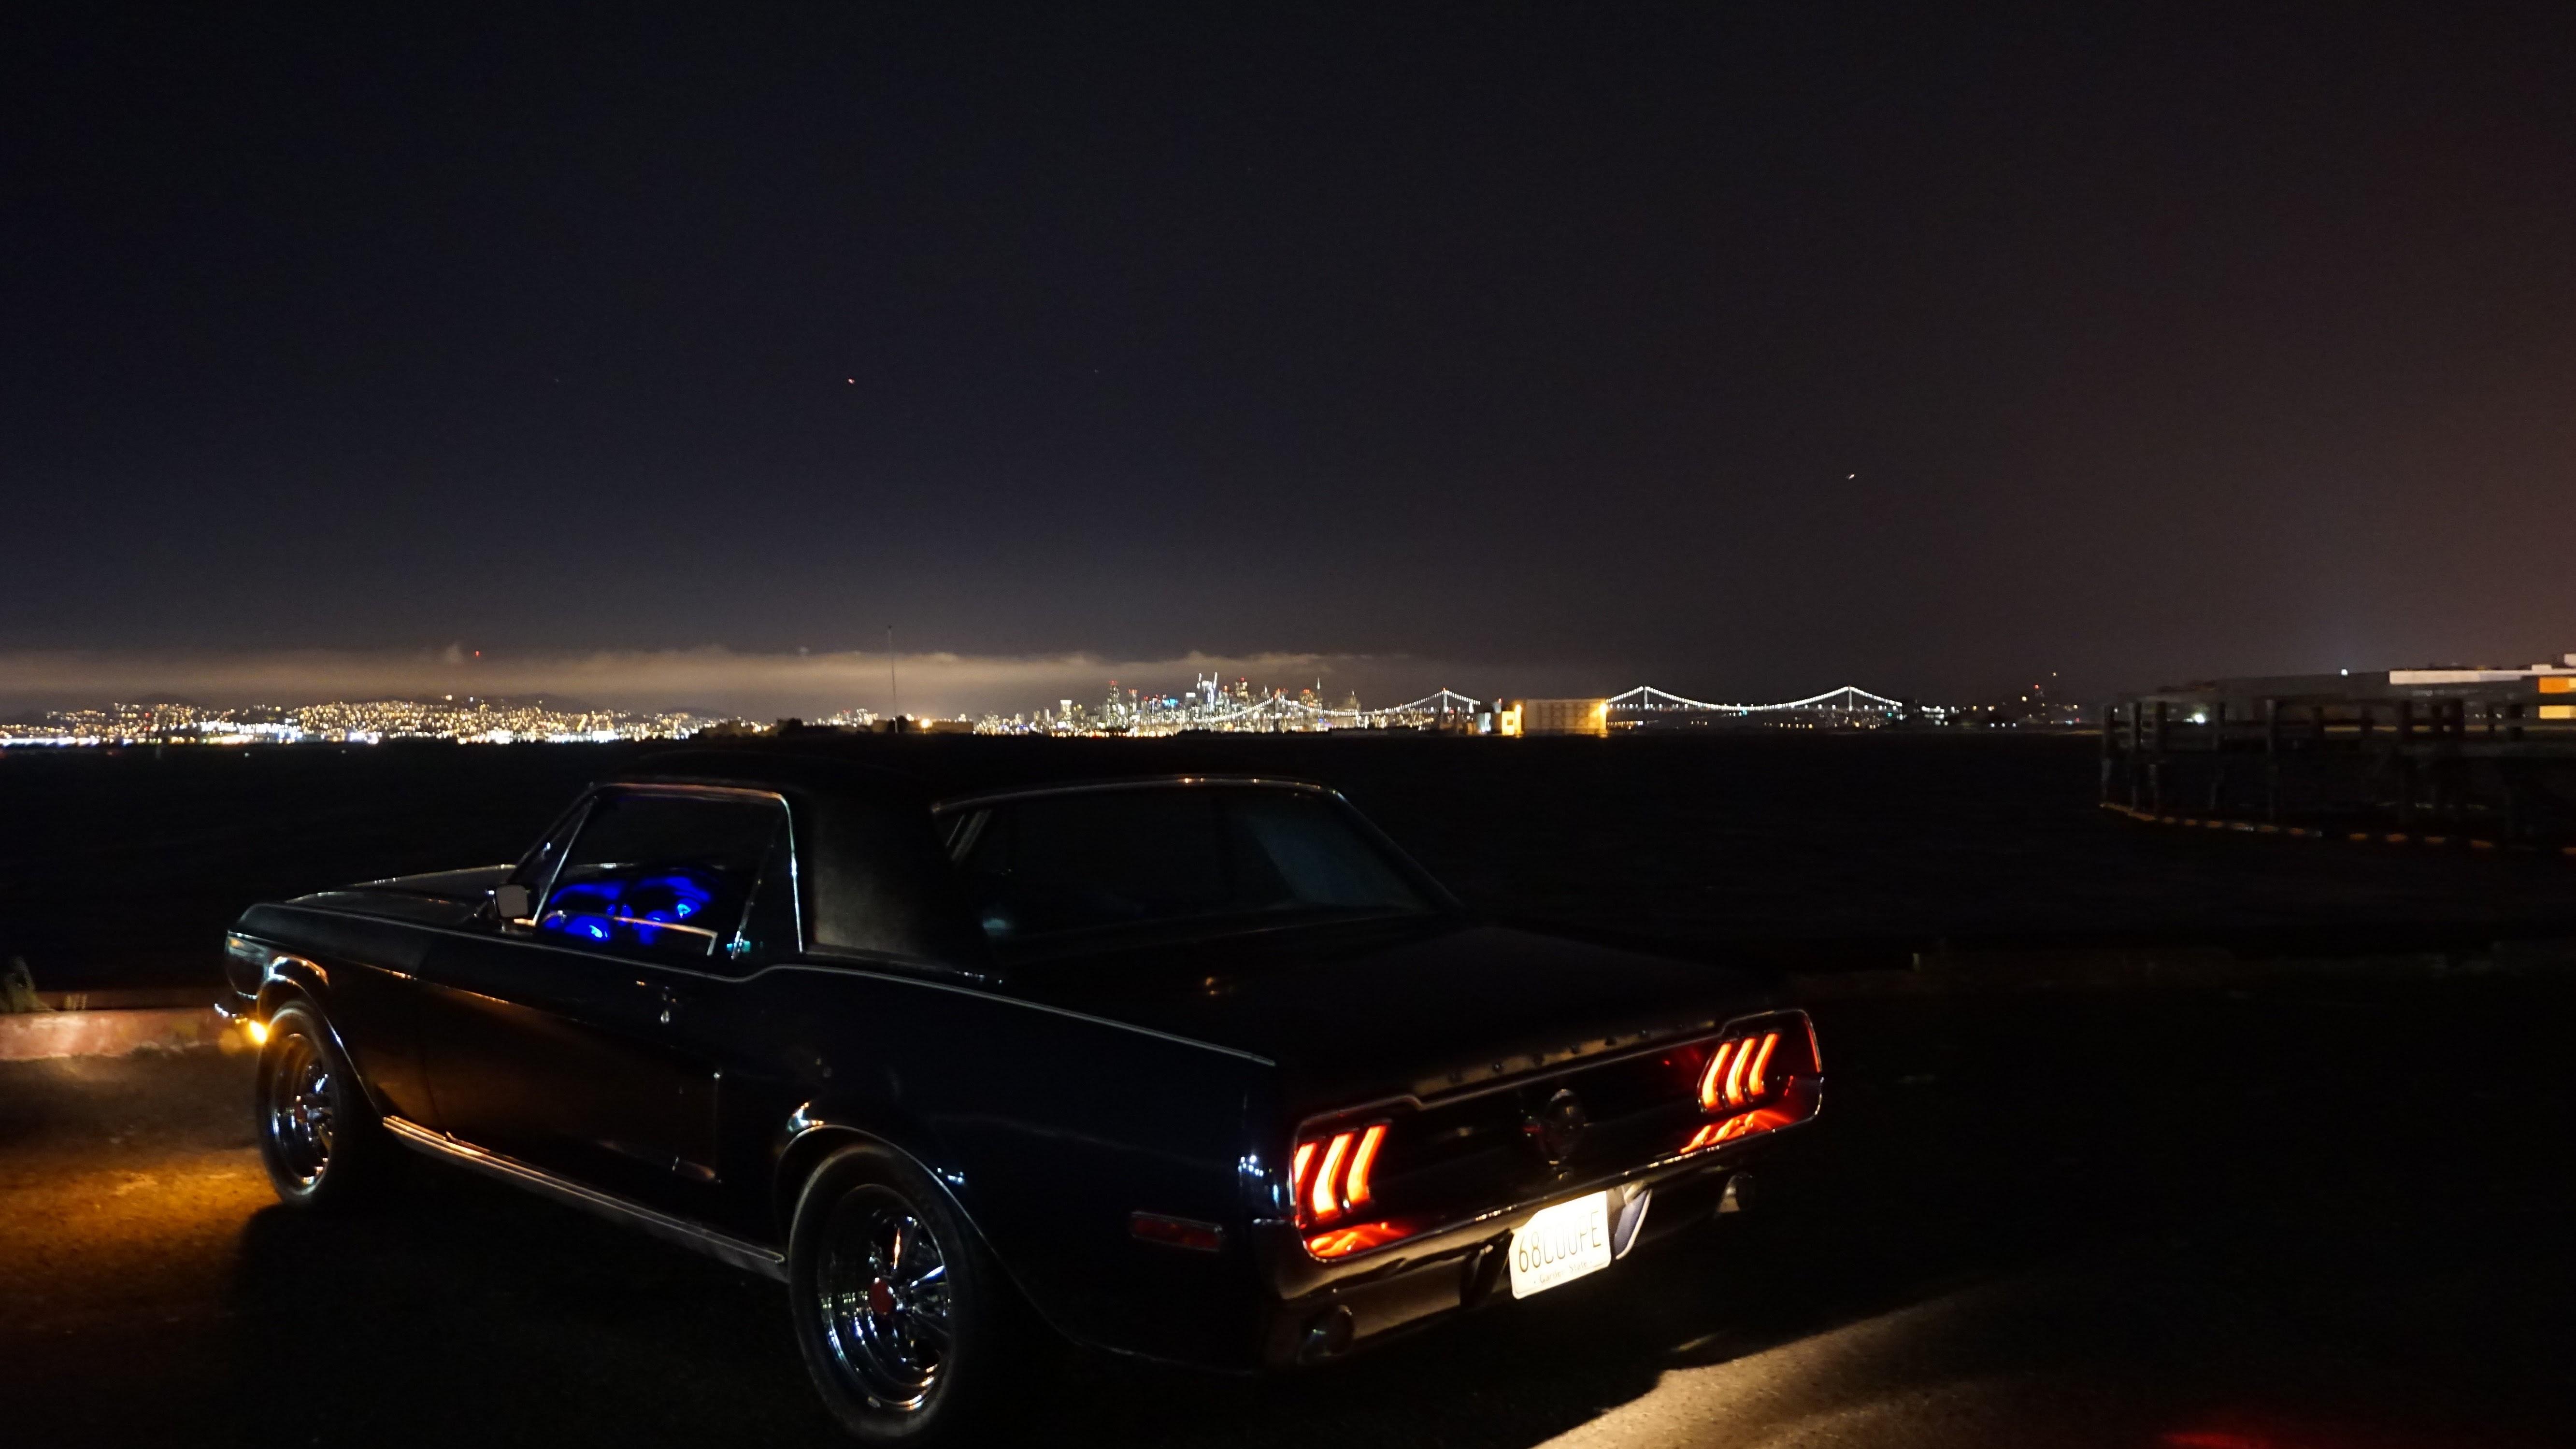 1000 Beautiful Muscle Car Photos Pexels Free Stock Photos